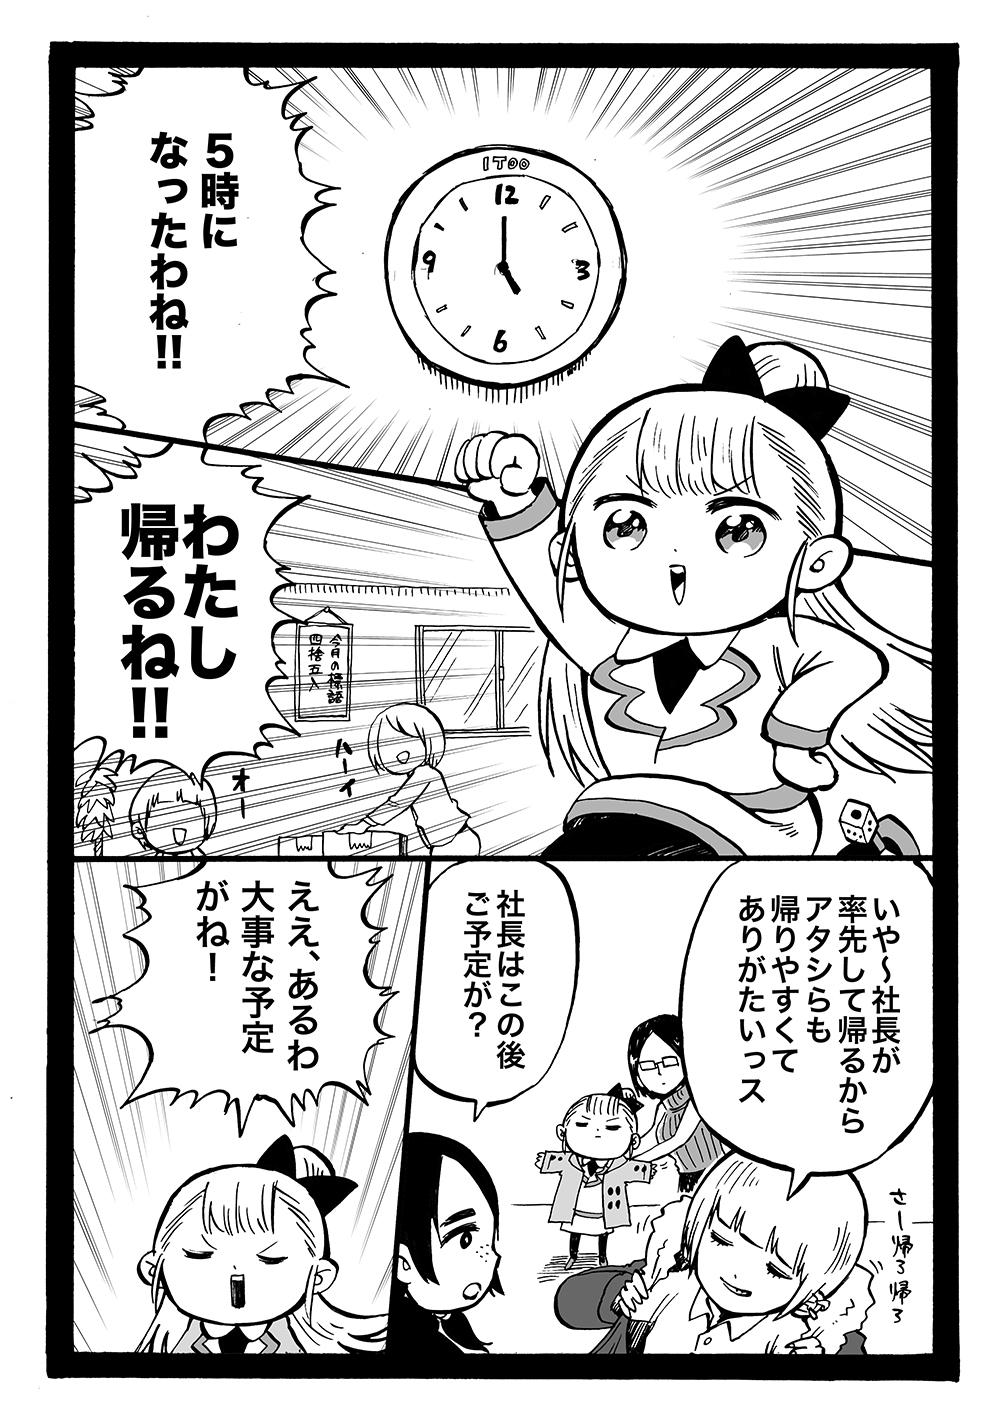 幼女社長(つきあいざんぎょう)